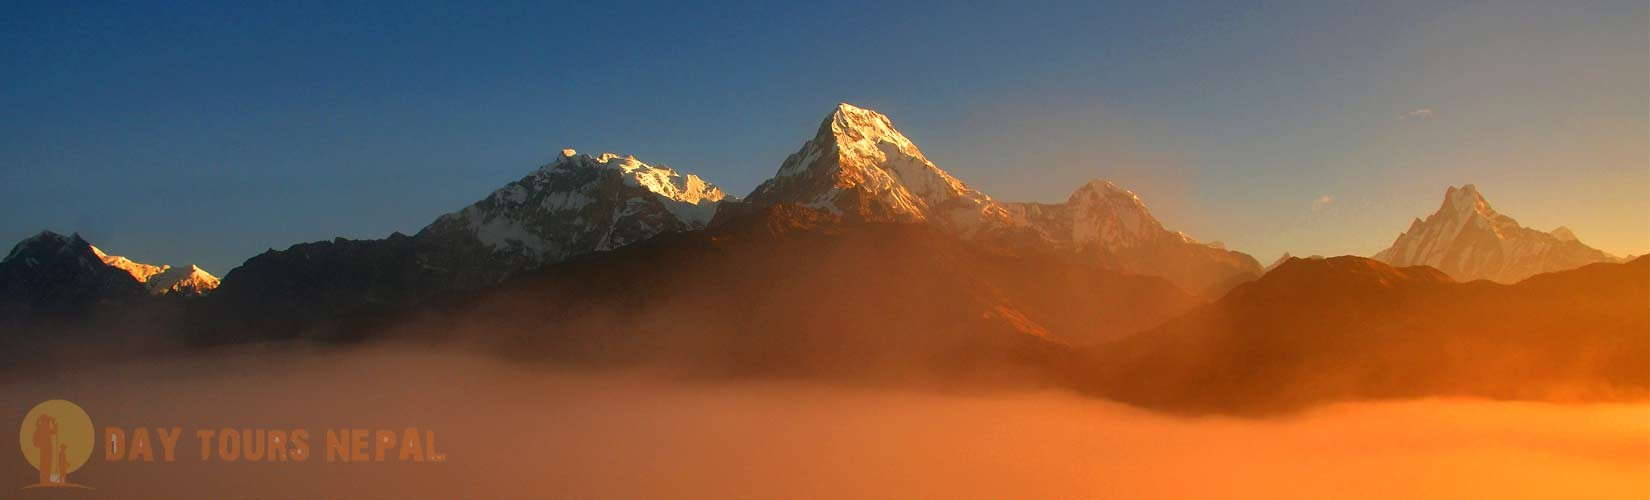 Ghorepani Trekking Day Tours Nepal